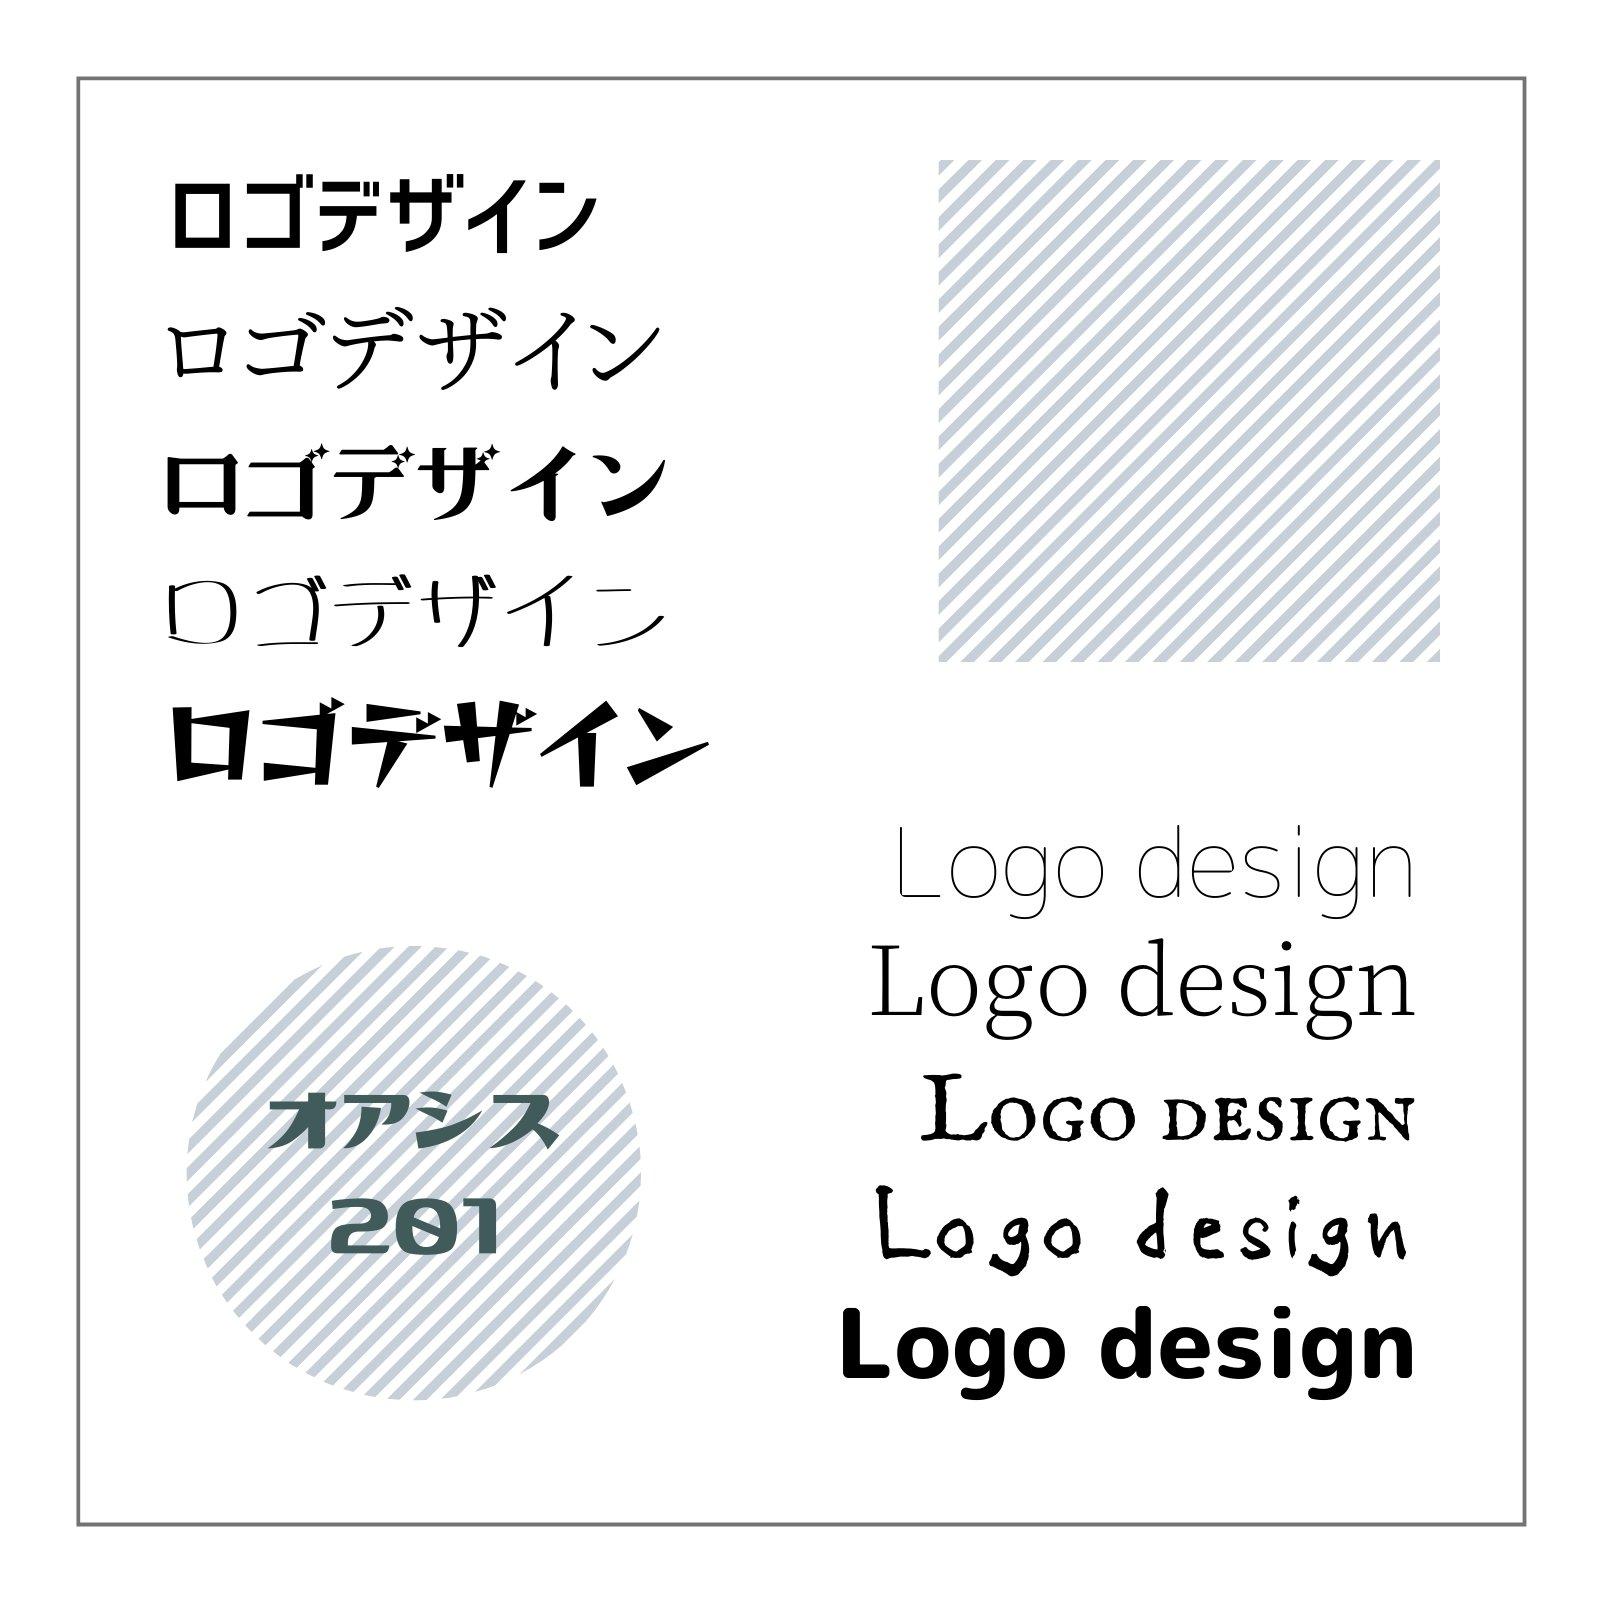 ロゴデザイン制作|会社やお店オリジナルのロゴデザインで独自性を発揮♪のイメージその2